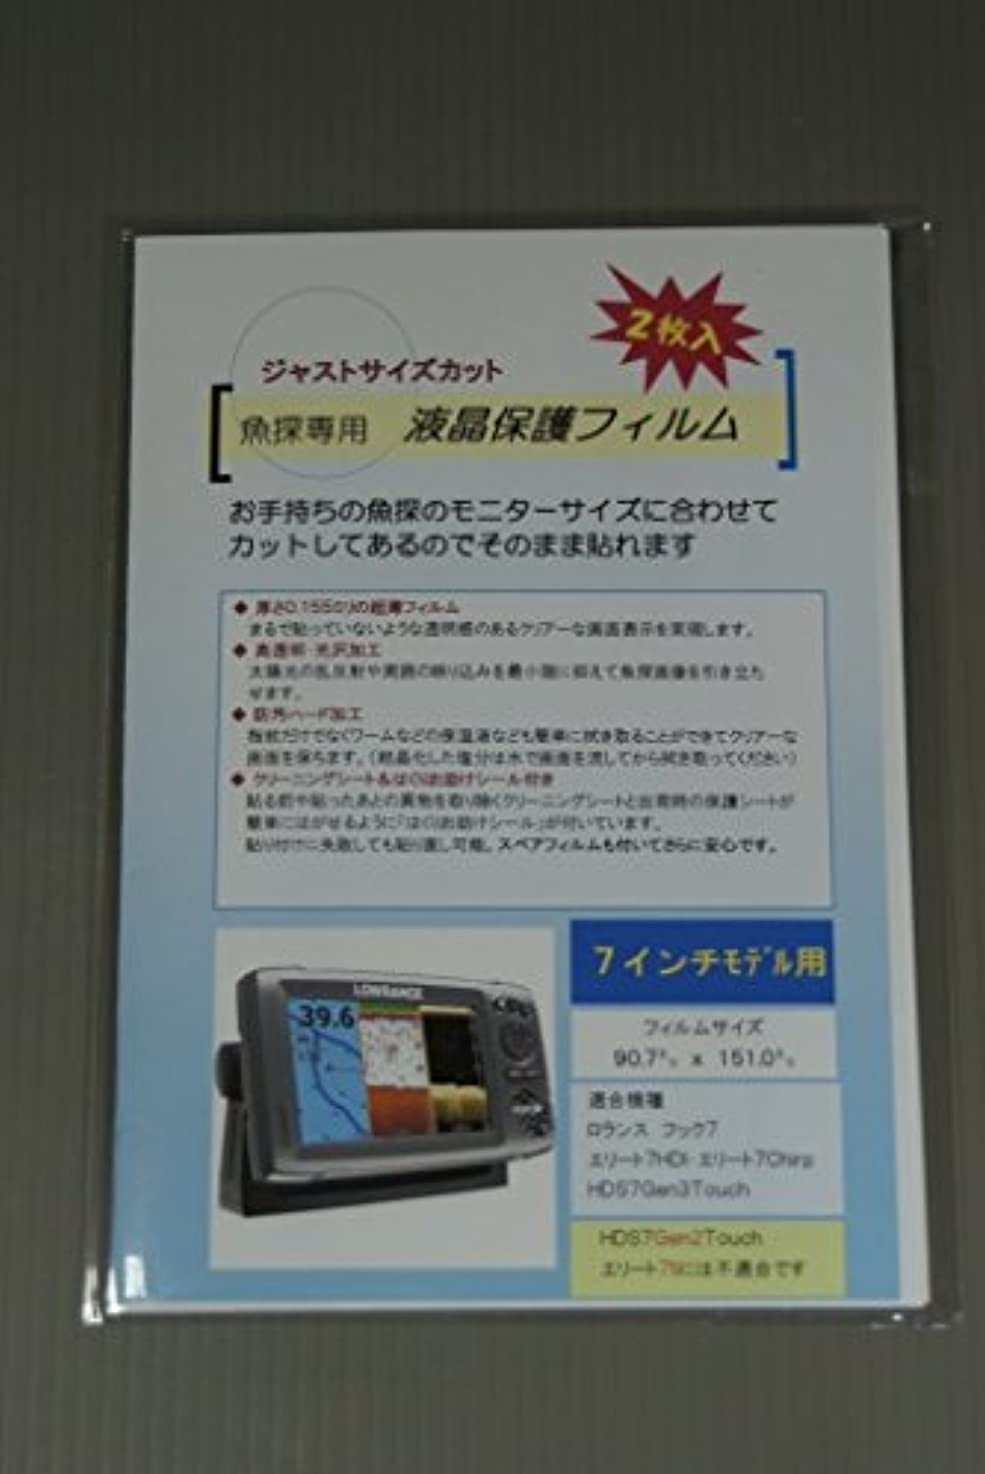 暫定の中で診療所魚探用液晶保護フィルム(ロランス7インチサイズ用)エリート7Tiには使用不可